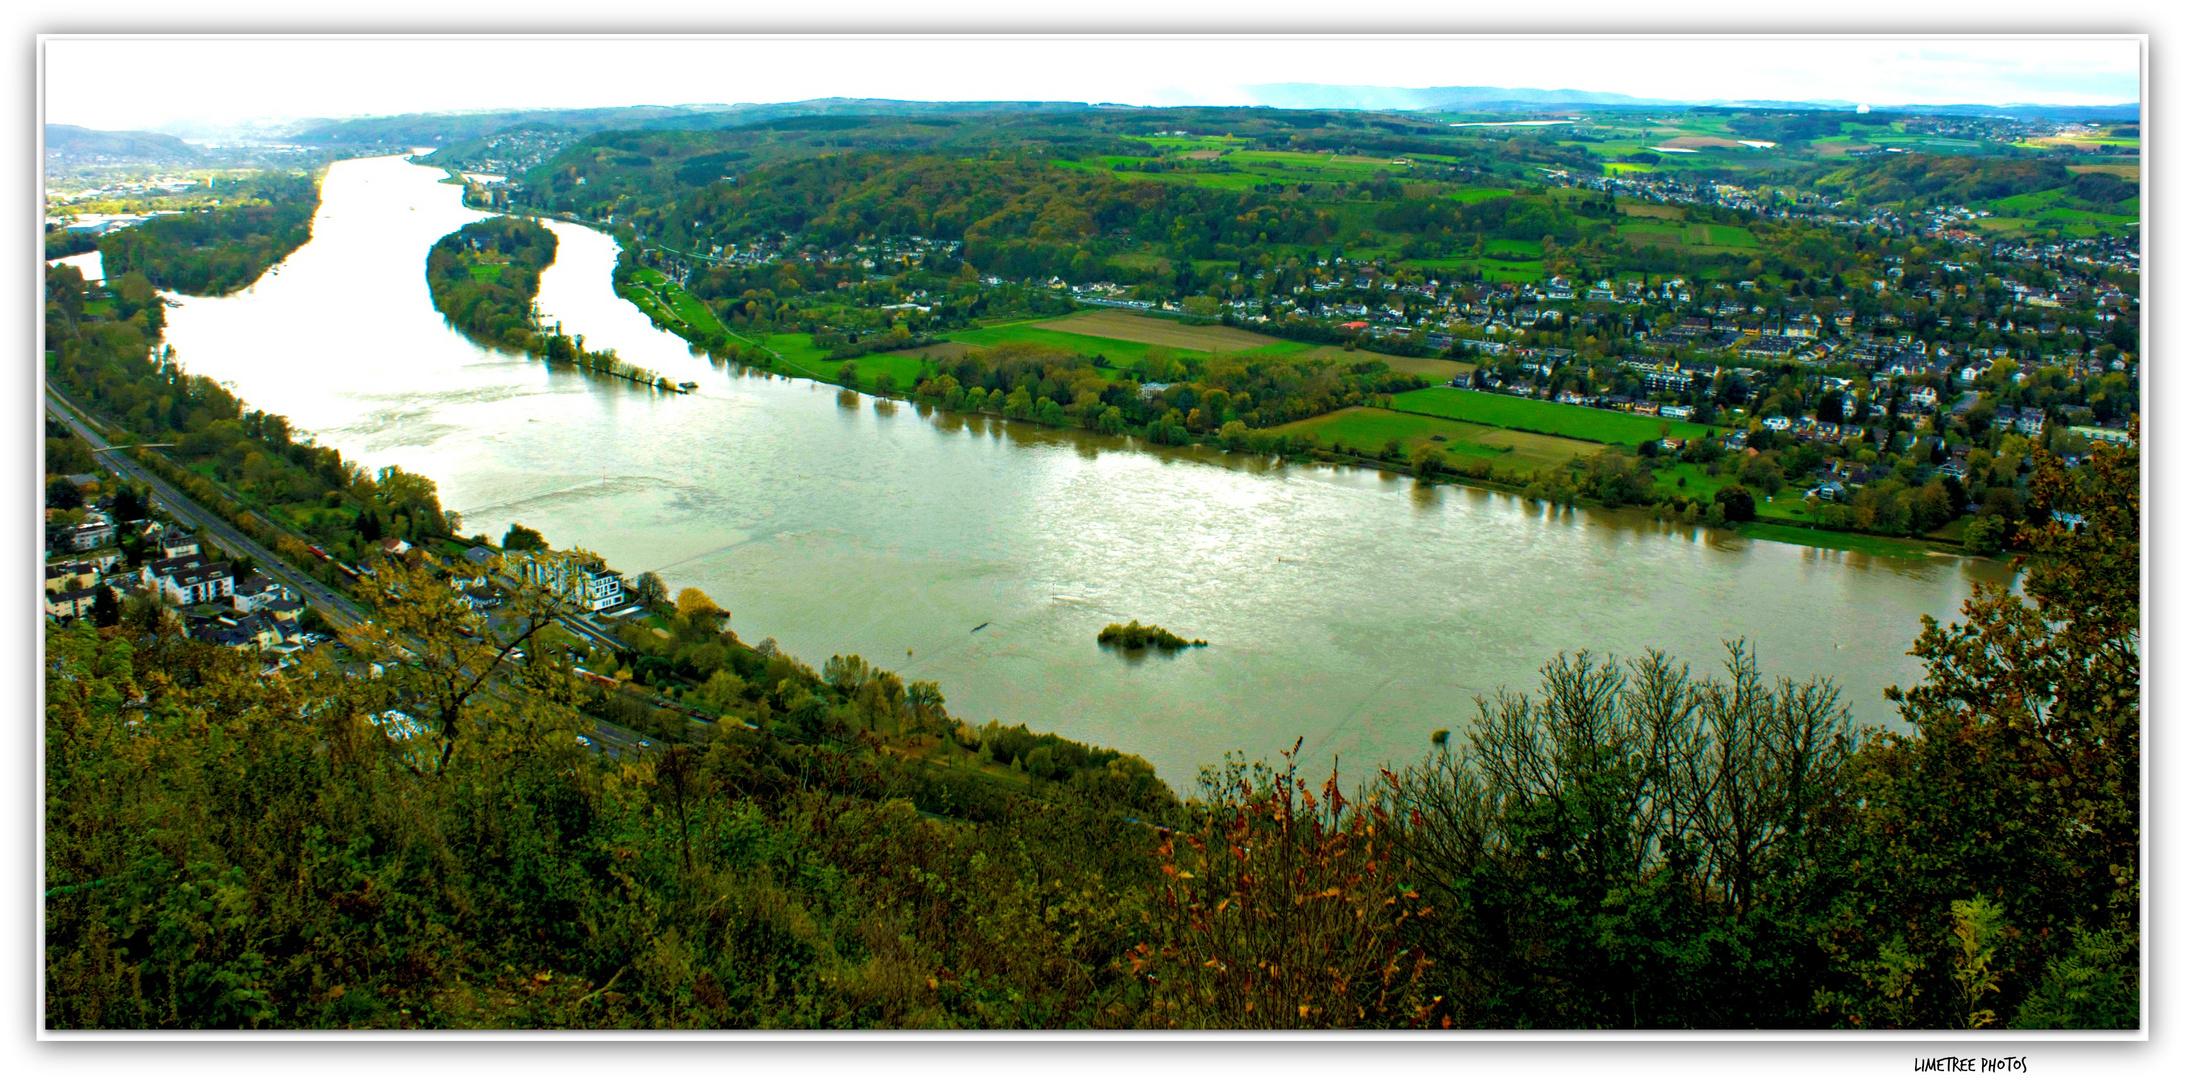 Rhine River and Koenigswinter